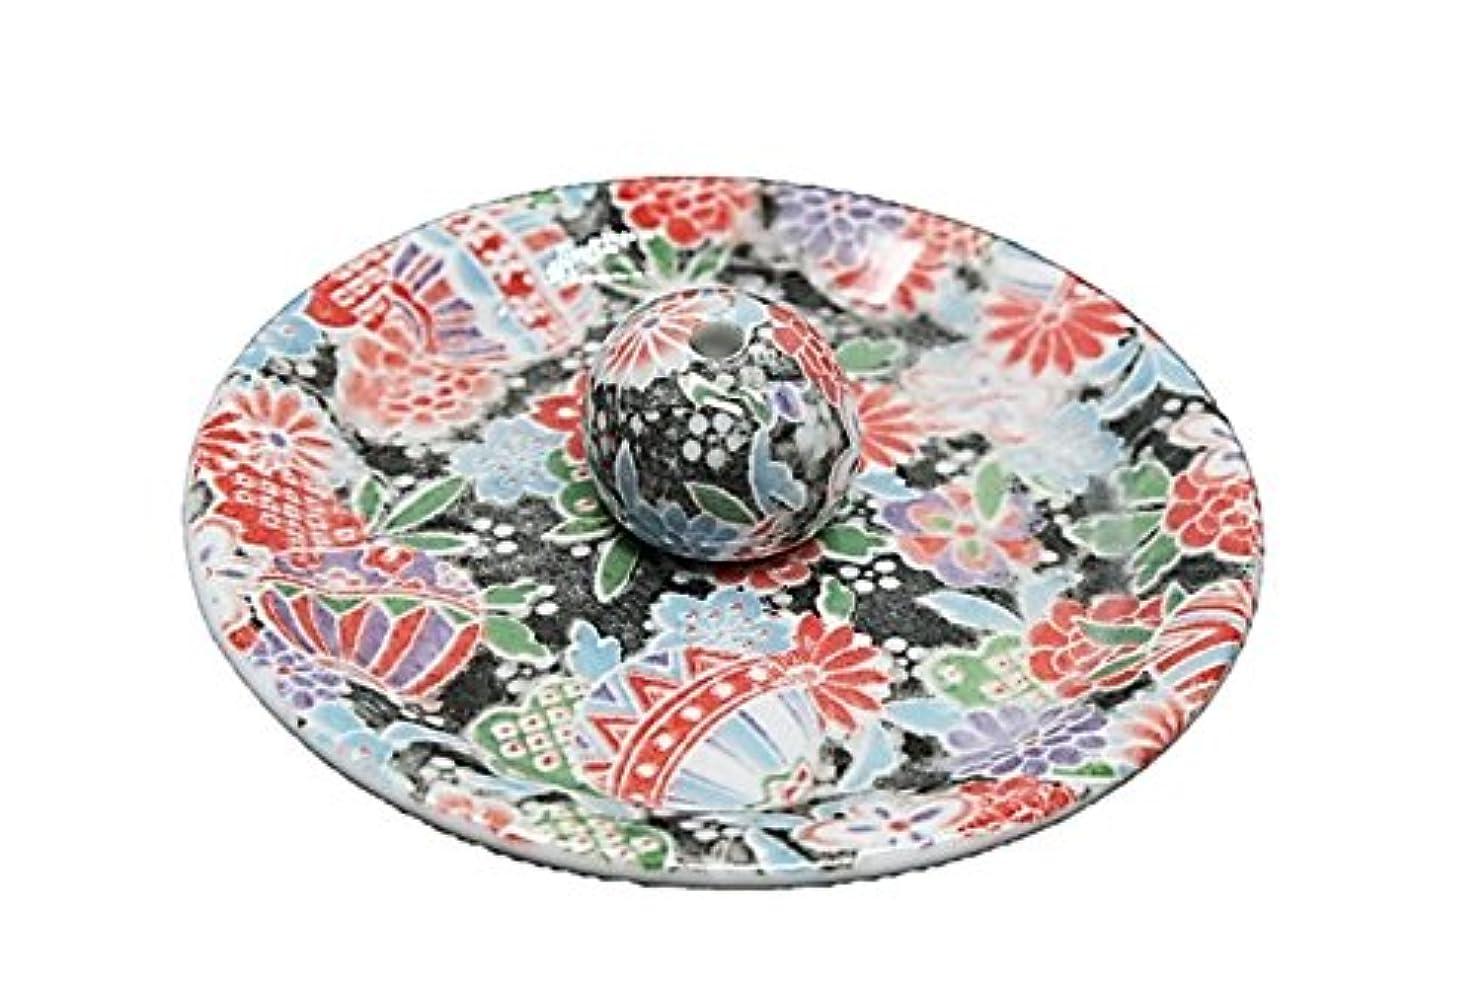 レンディションオーバーラン贅沢9-13 京雅黒 9cm香皿 お香立て お香たて 陶器 日本製 製造?直売品